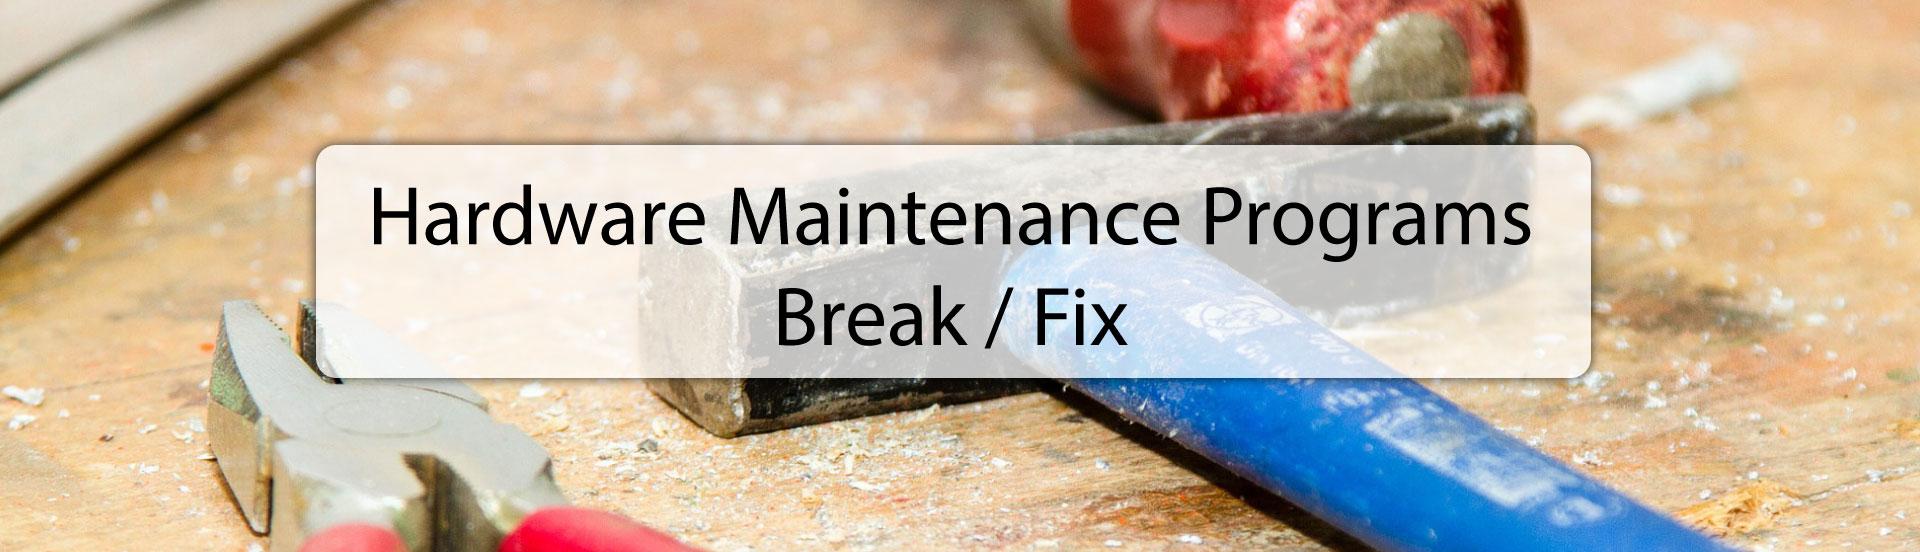 hardware maintenance - break / fix